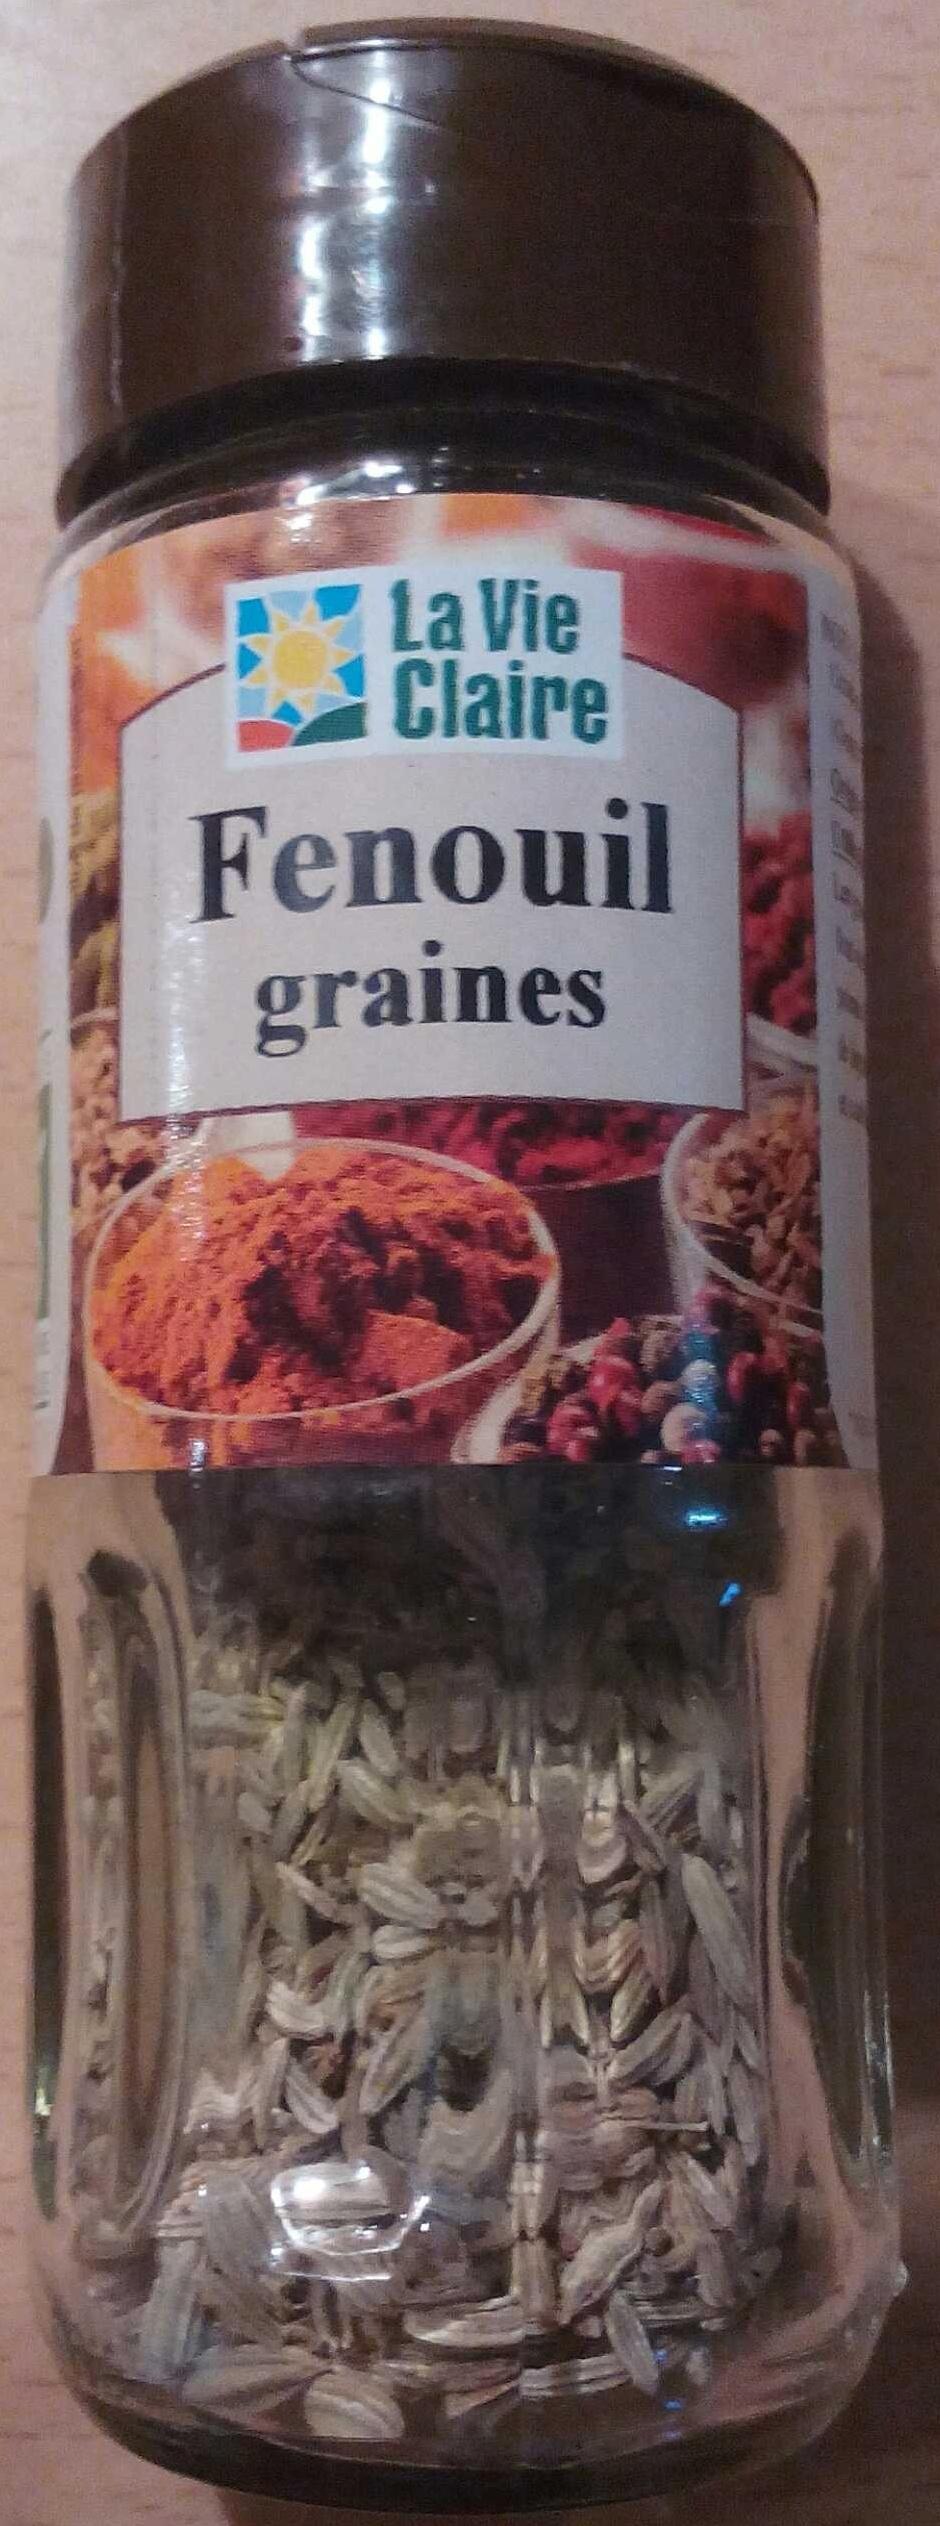 Fenouil graines la vie claire 25 g for Mauve la vie claire